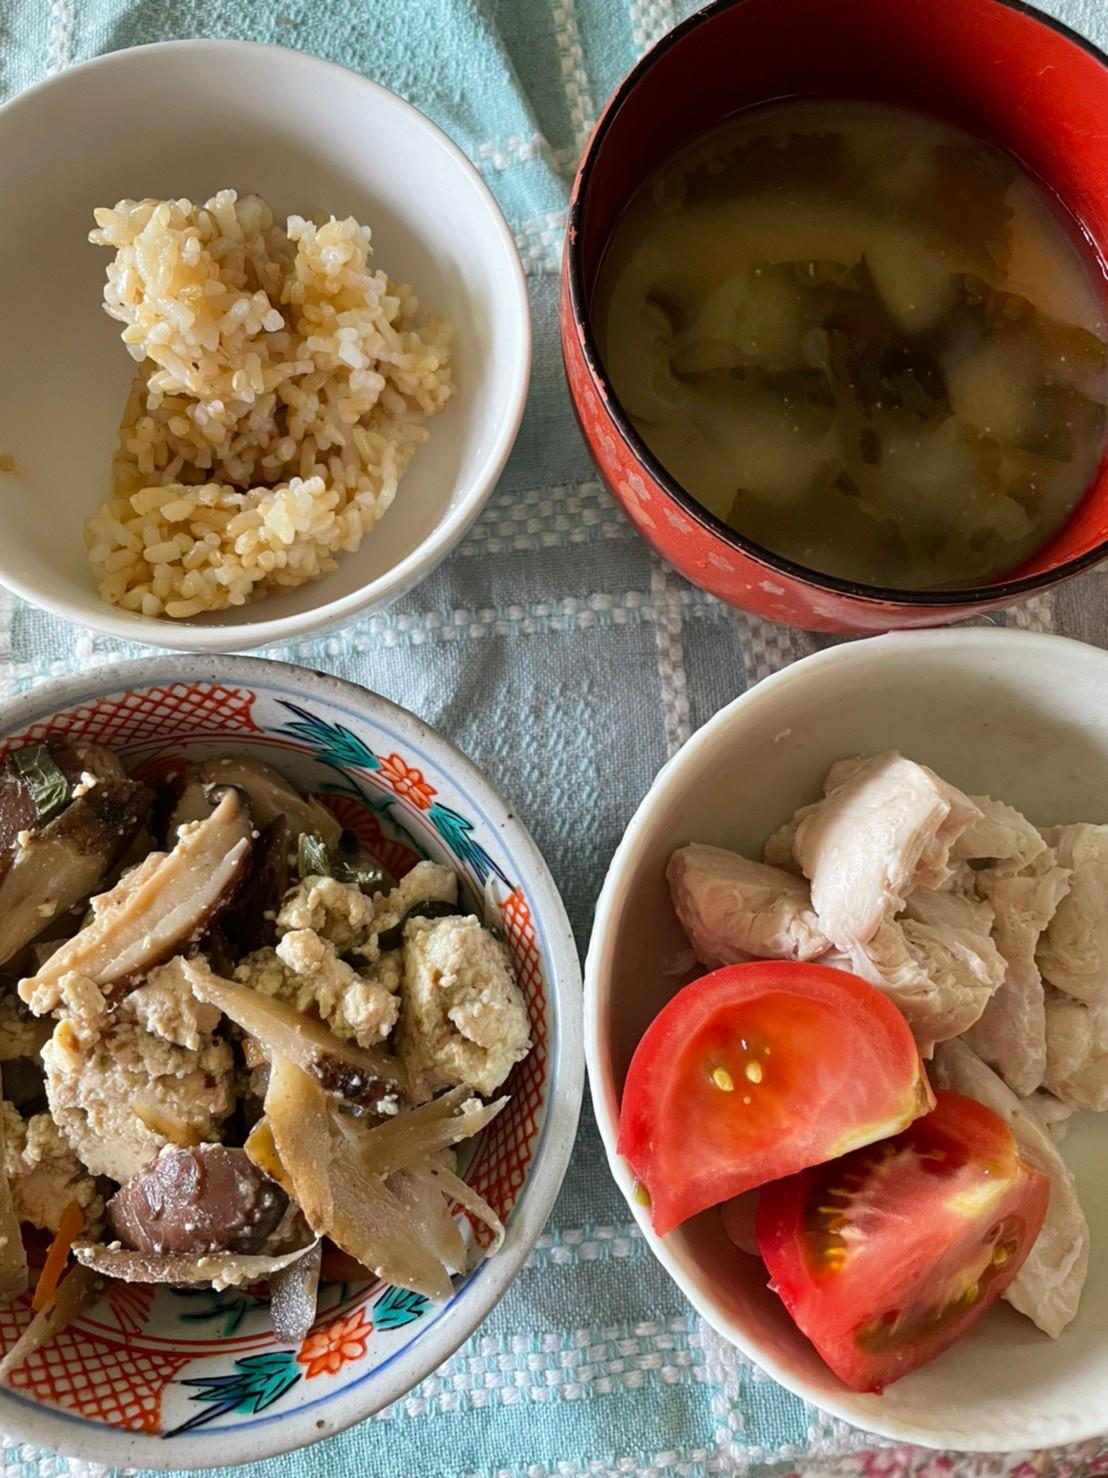 主菜にタンパク質、副菜はサラダ、玄米、味噌汁が基本(ダイエット食事例)